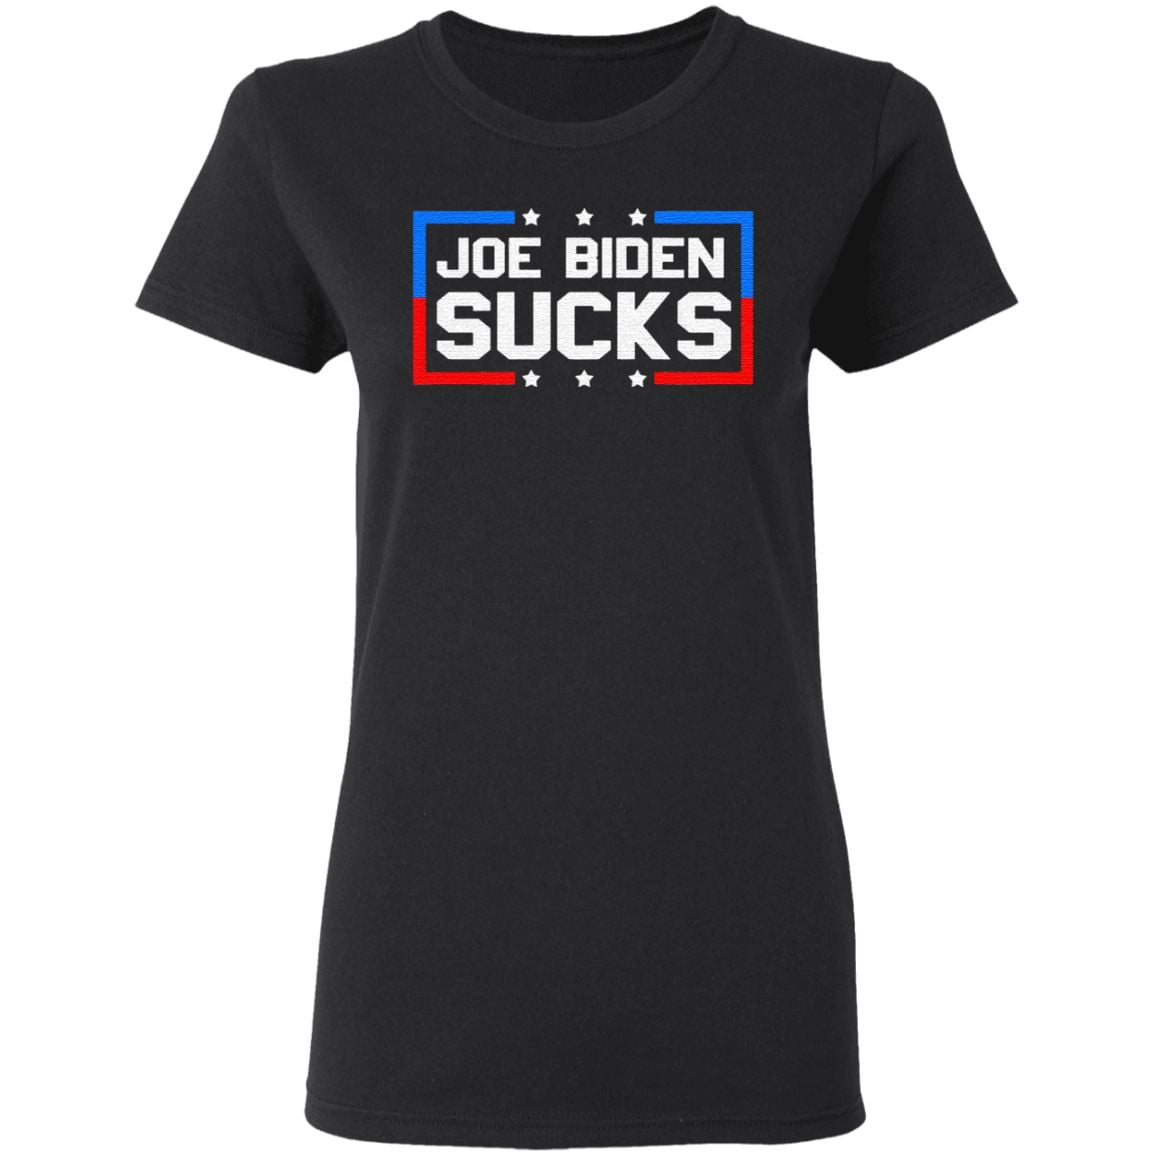 Joe Biden Sucks 2020 Anti Creepy Joe Donald Trump Republican Election T-shirt